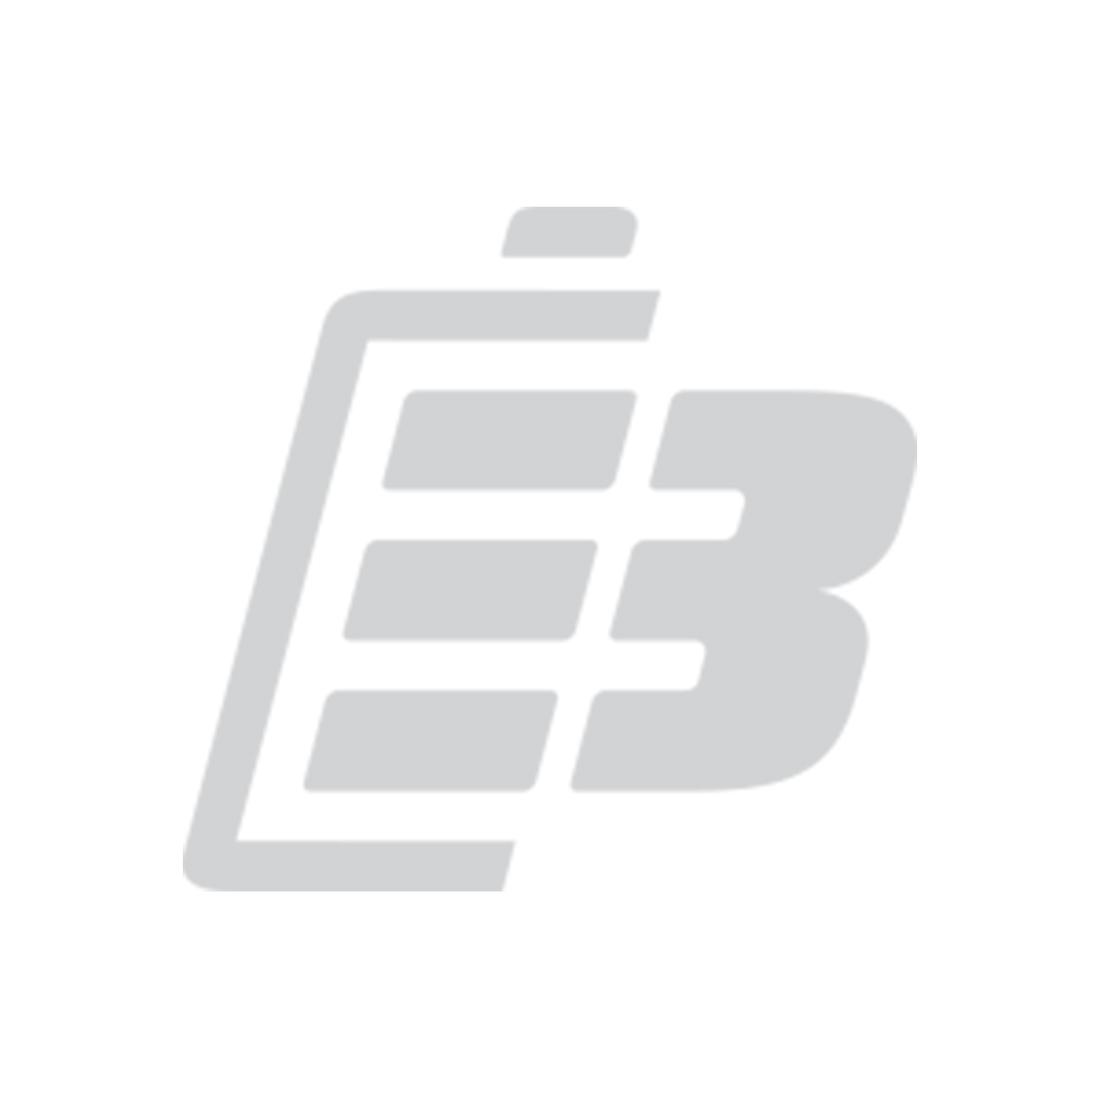 Smartphone battery Toshiba Portege G500_1